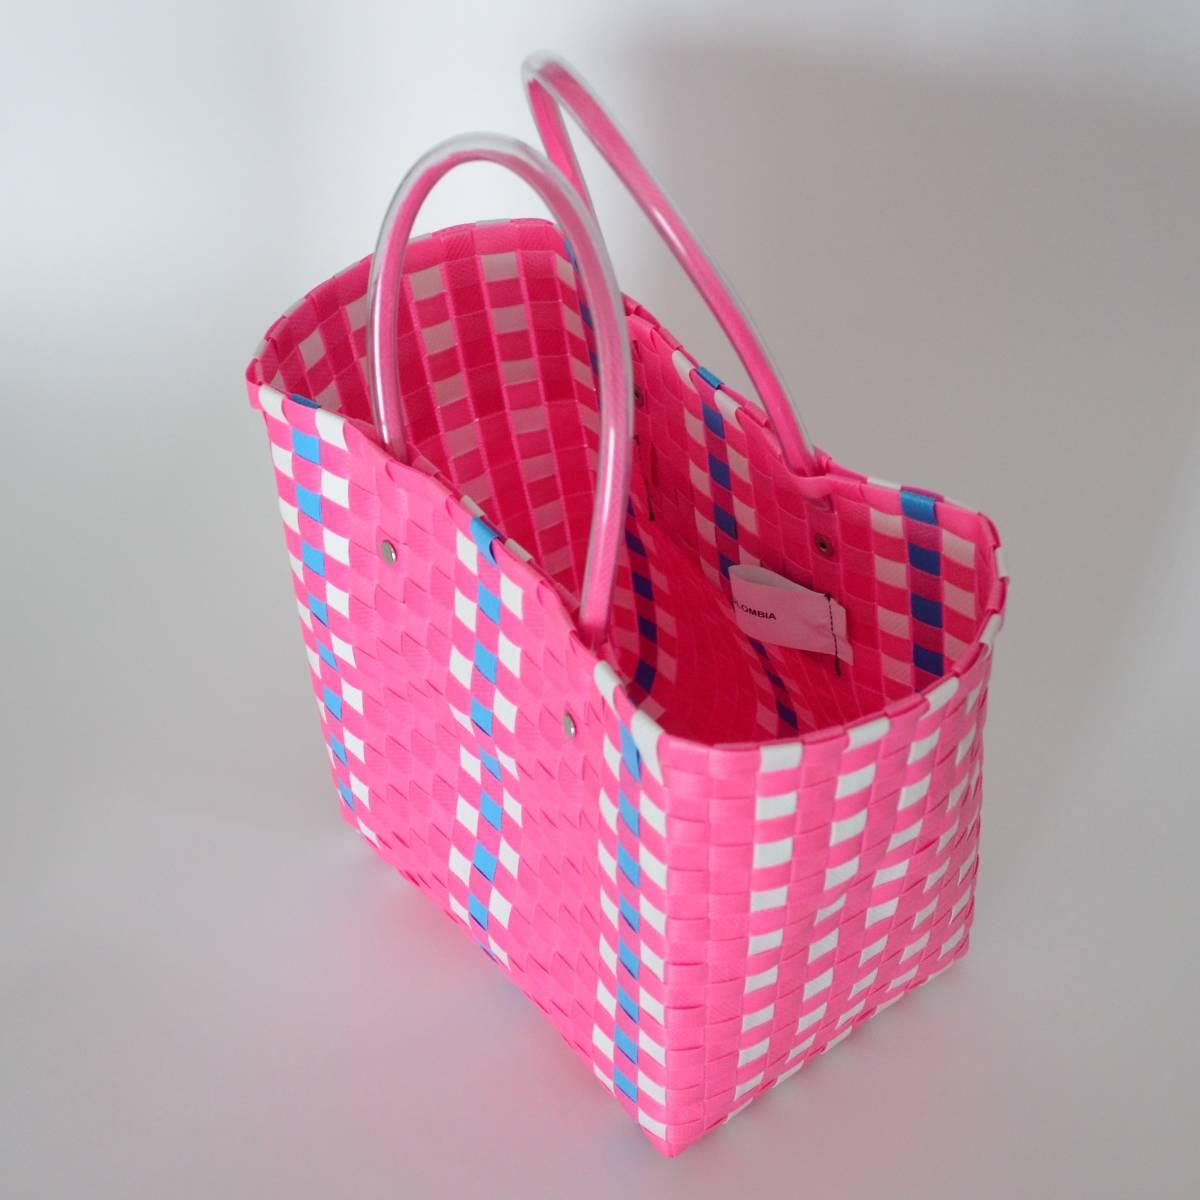 【マルニマーケット】 未使用 ピクニックバッグ ピンク ミニサイズ スクエアショッピングバック/かご/かばん 阪急うめだ本店で購入 MARNI_画像4